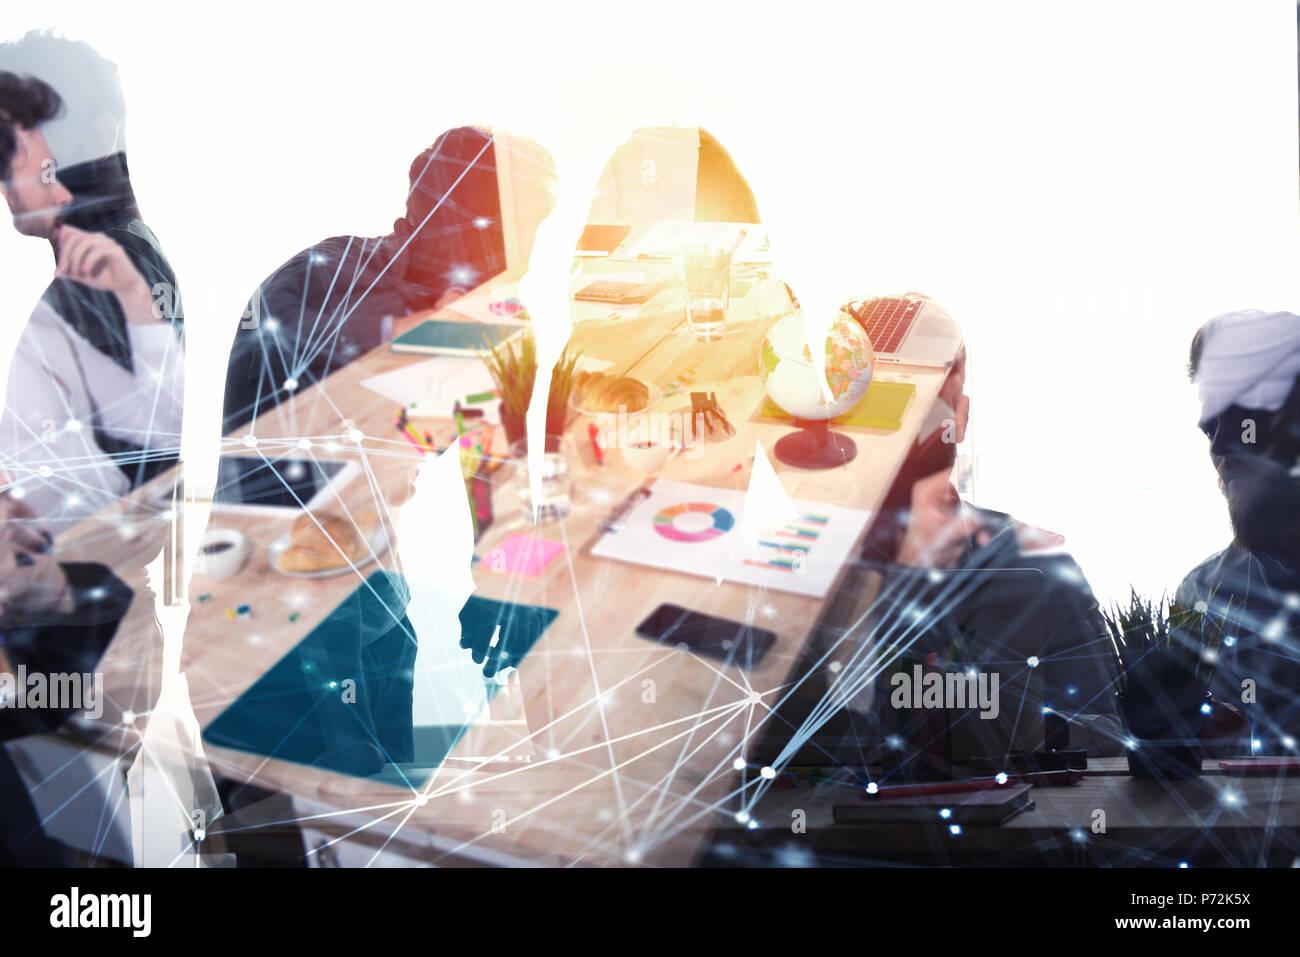 La gente di affari di lavorare insieme in ufficio con internet gli effetti di rete. Concetto di partnership e il lavoro di squadra. doppia esposizione Immagini Stock